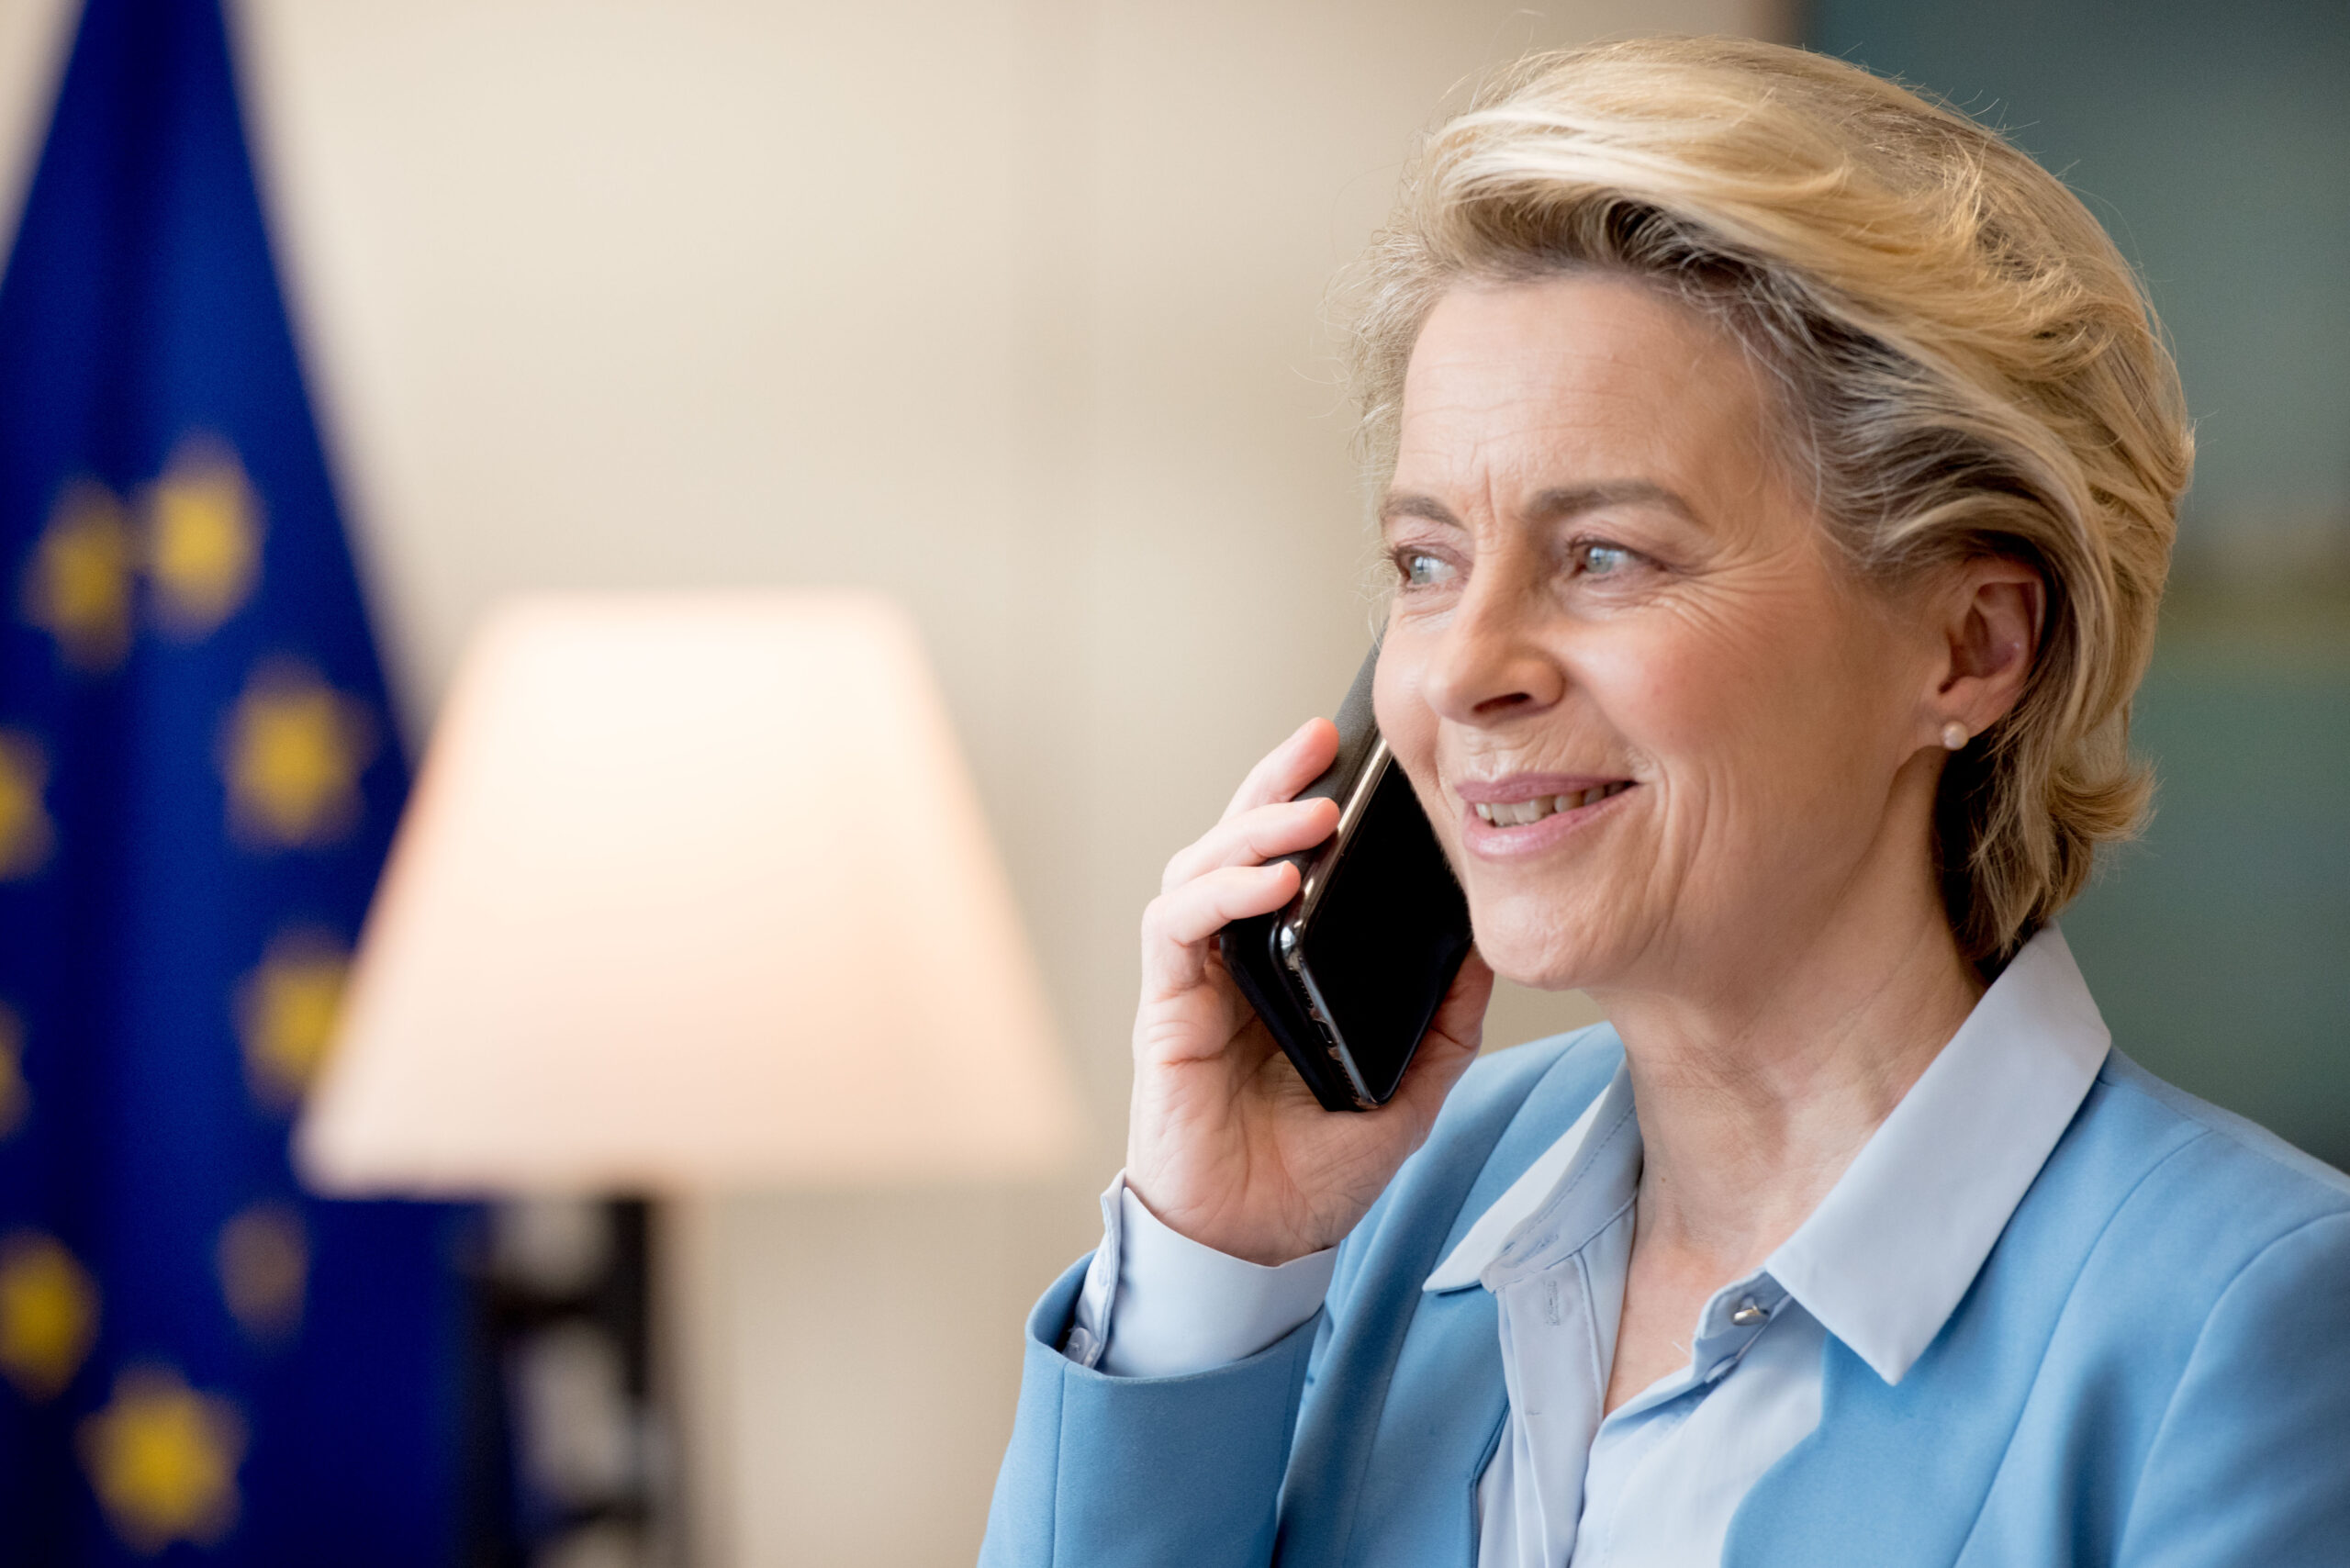 La presidenta de la Comissió Europea durant una trucada amb el primer ministre del Canadà, a Brussel·les, el febrer del 2021 / ACN